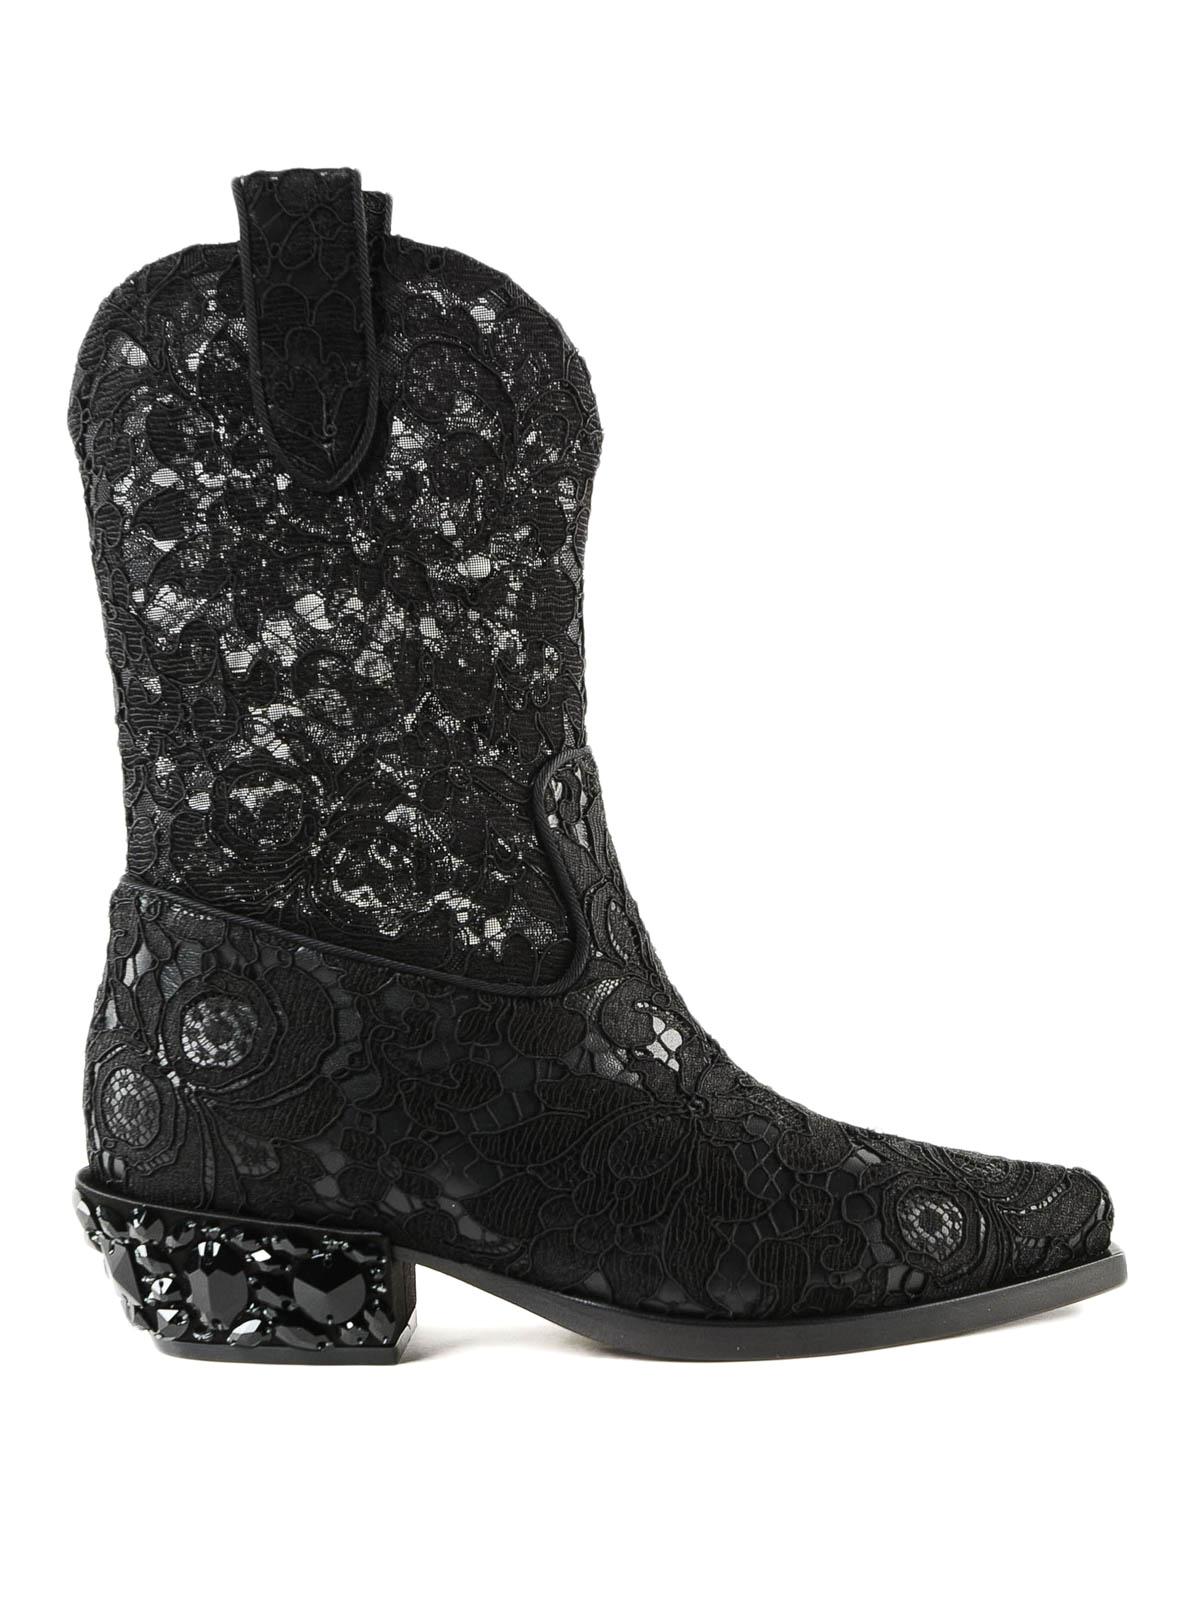 71c2ed4f05631 DOLCE   GABBANA  stivali - Stivale texano nero in pizzo e gros grain